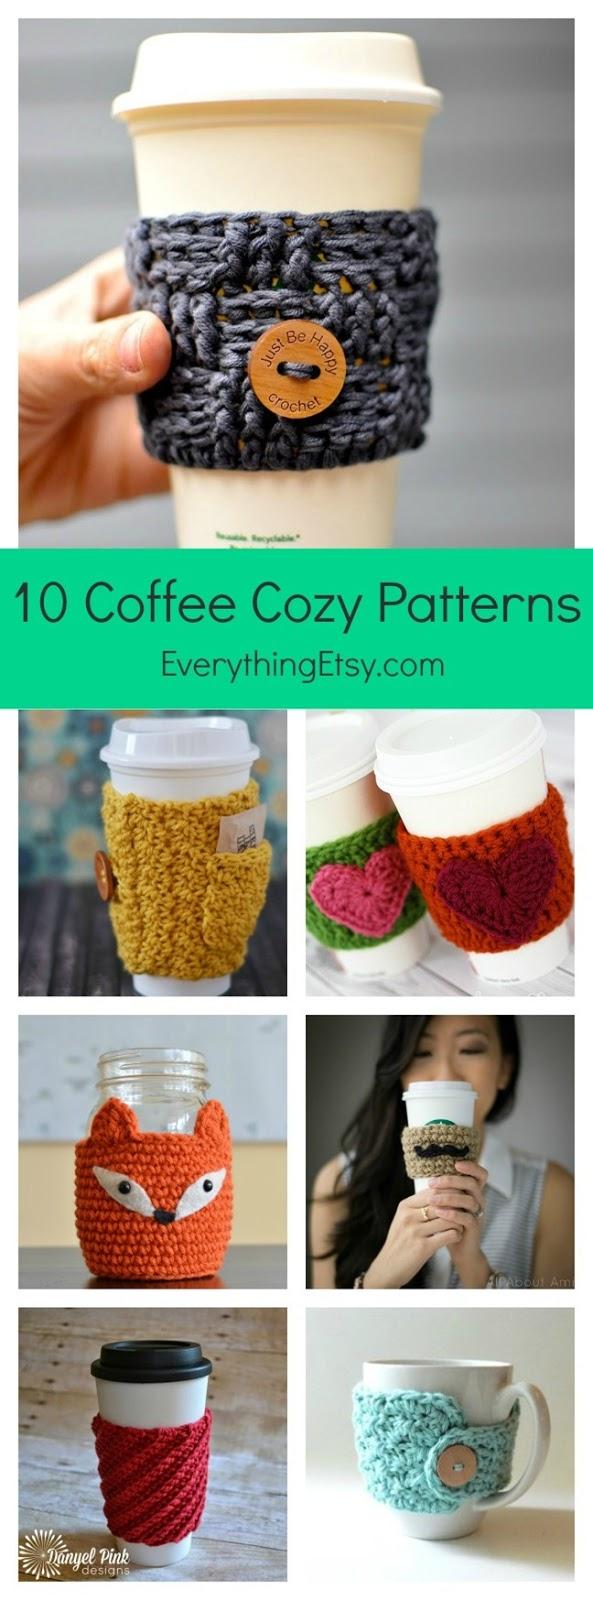 deversos tipos de capas para copos de café ou chocolate quente